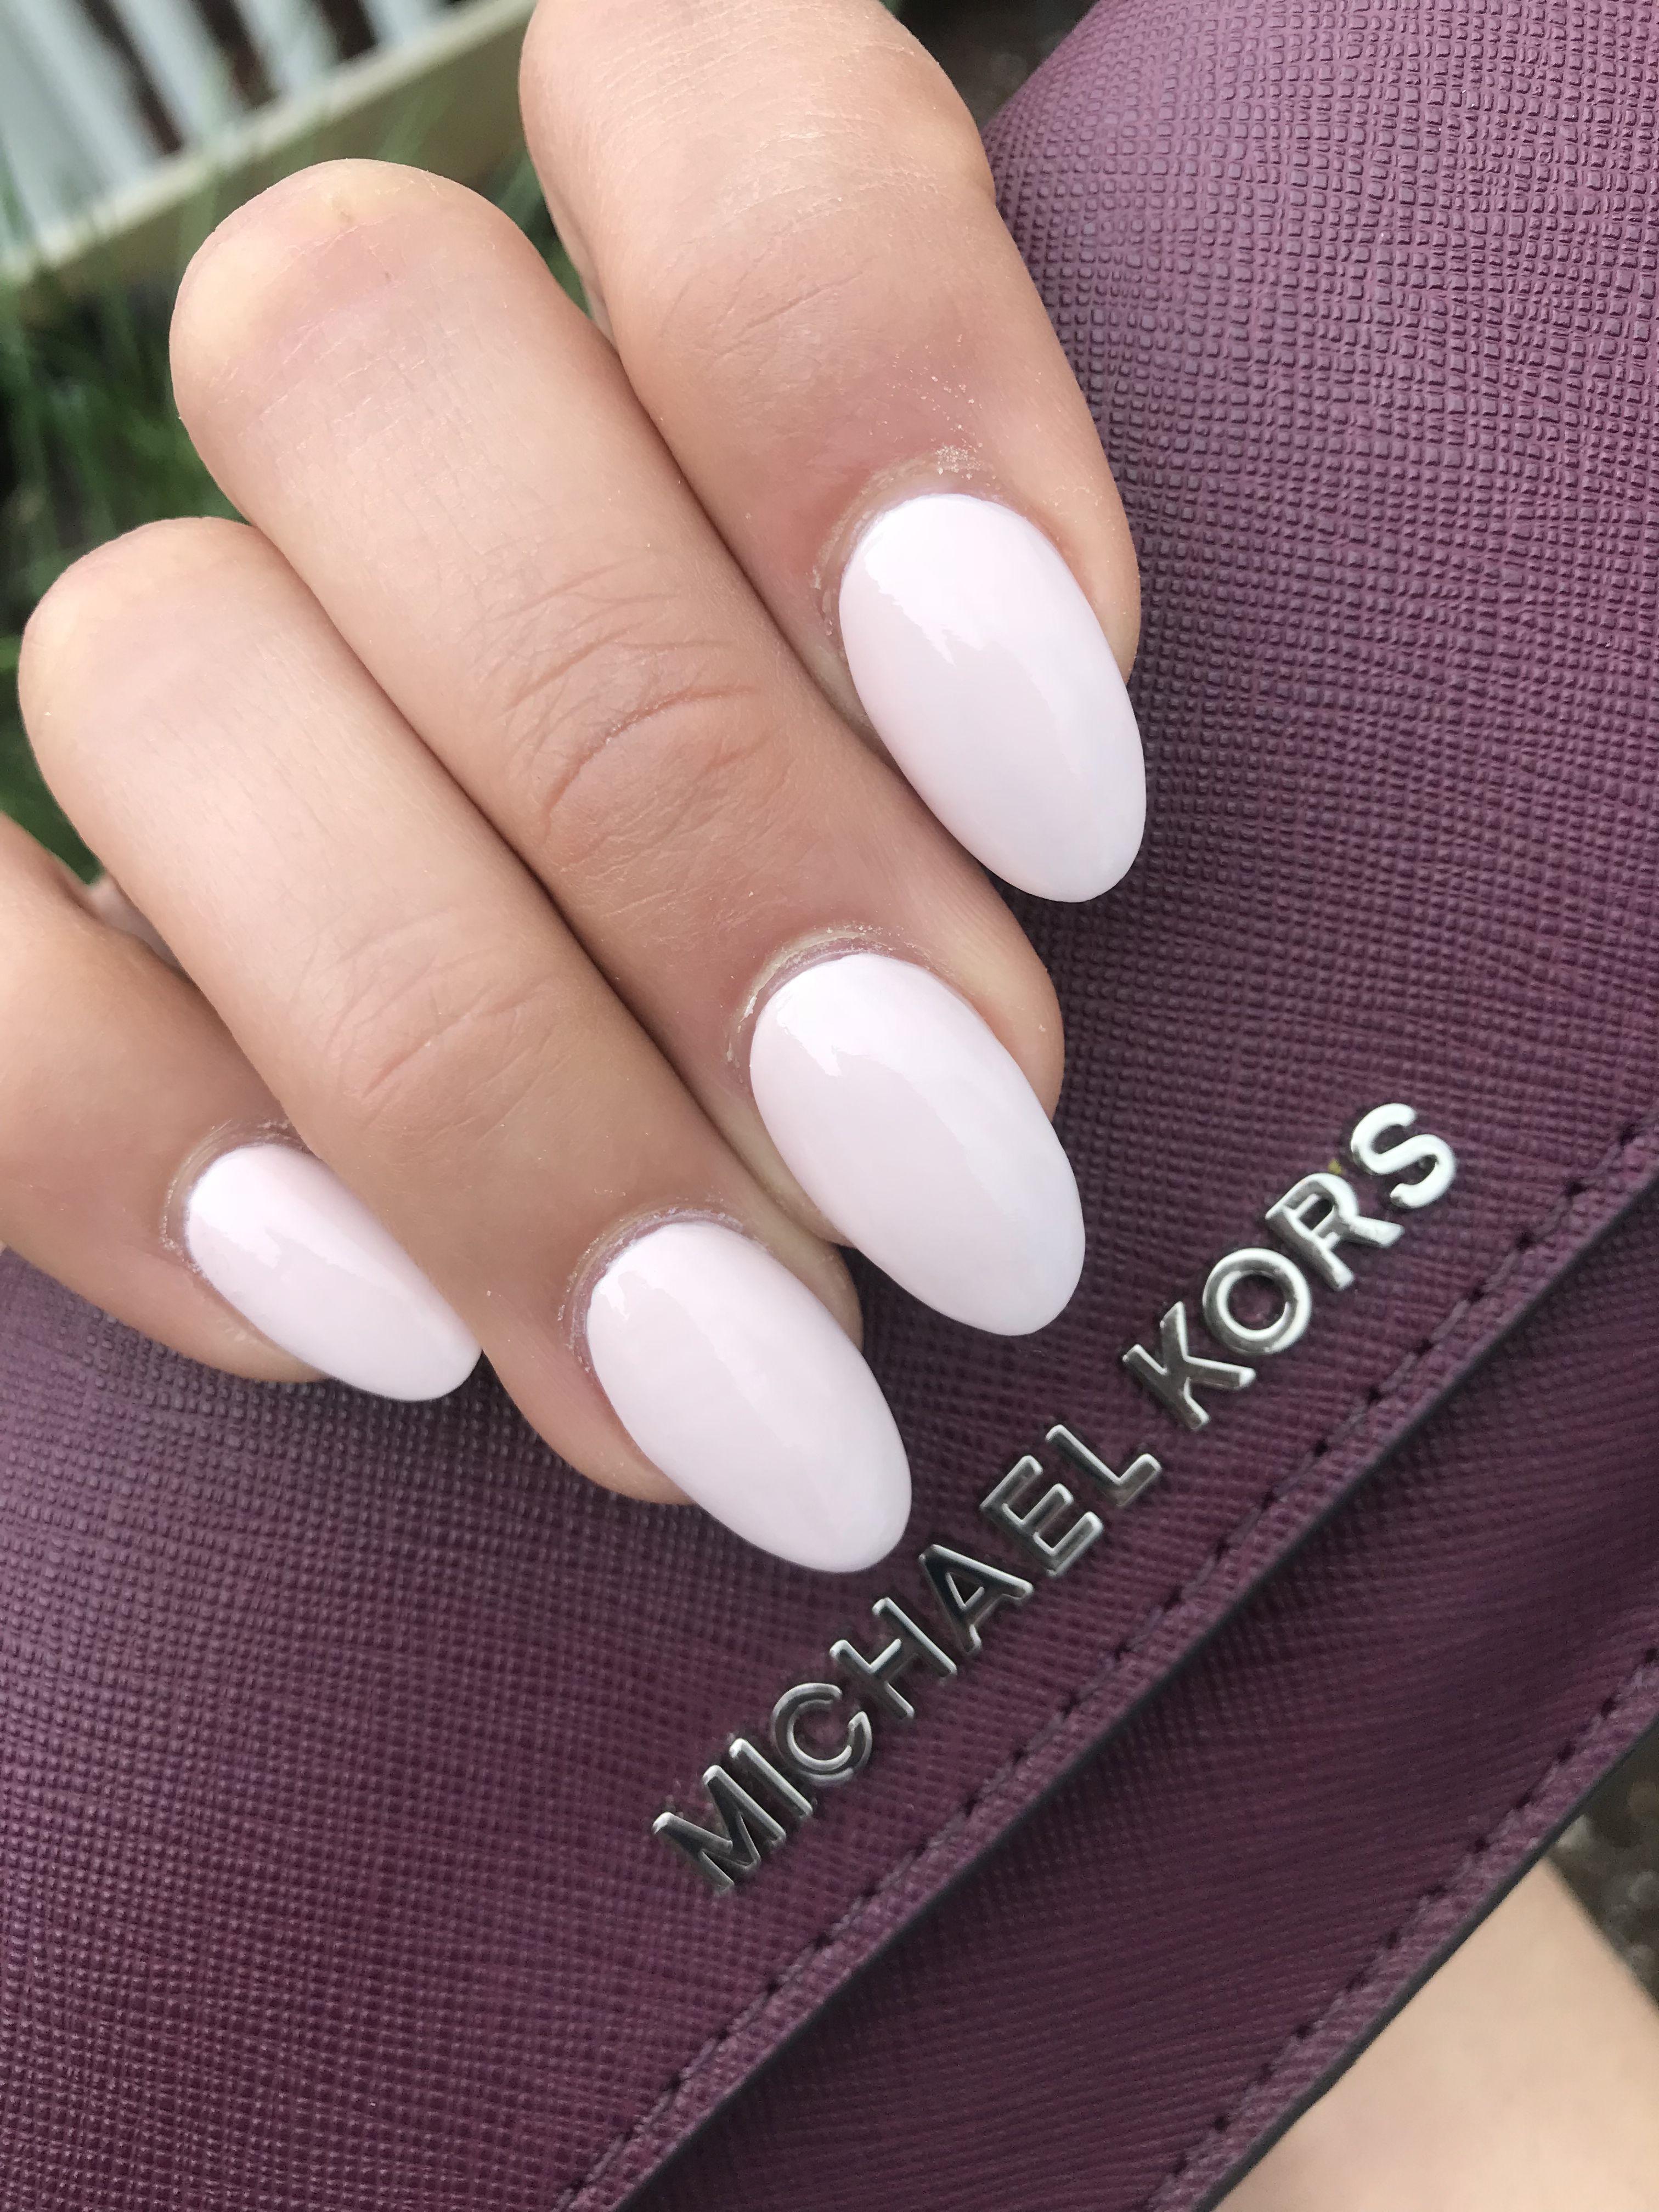 Almond Nails Almondnails Sns Nails Colors Short Acrylic Nails Almond Acrylic Nails